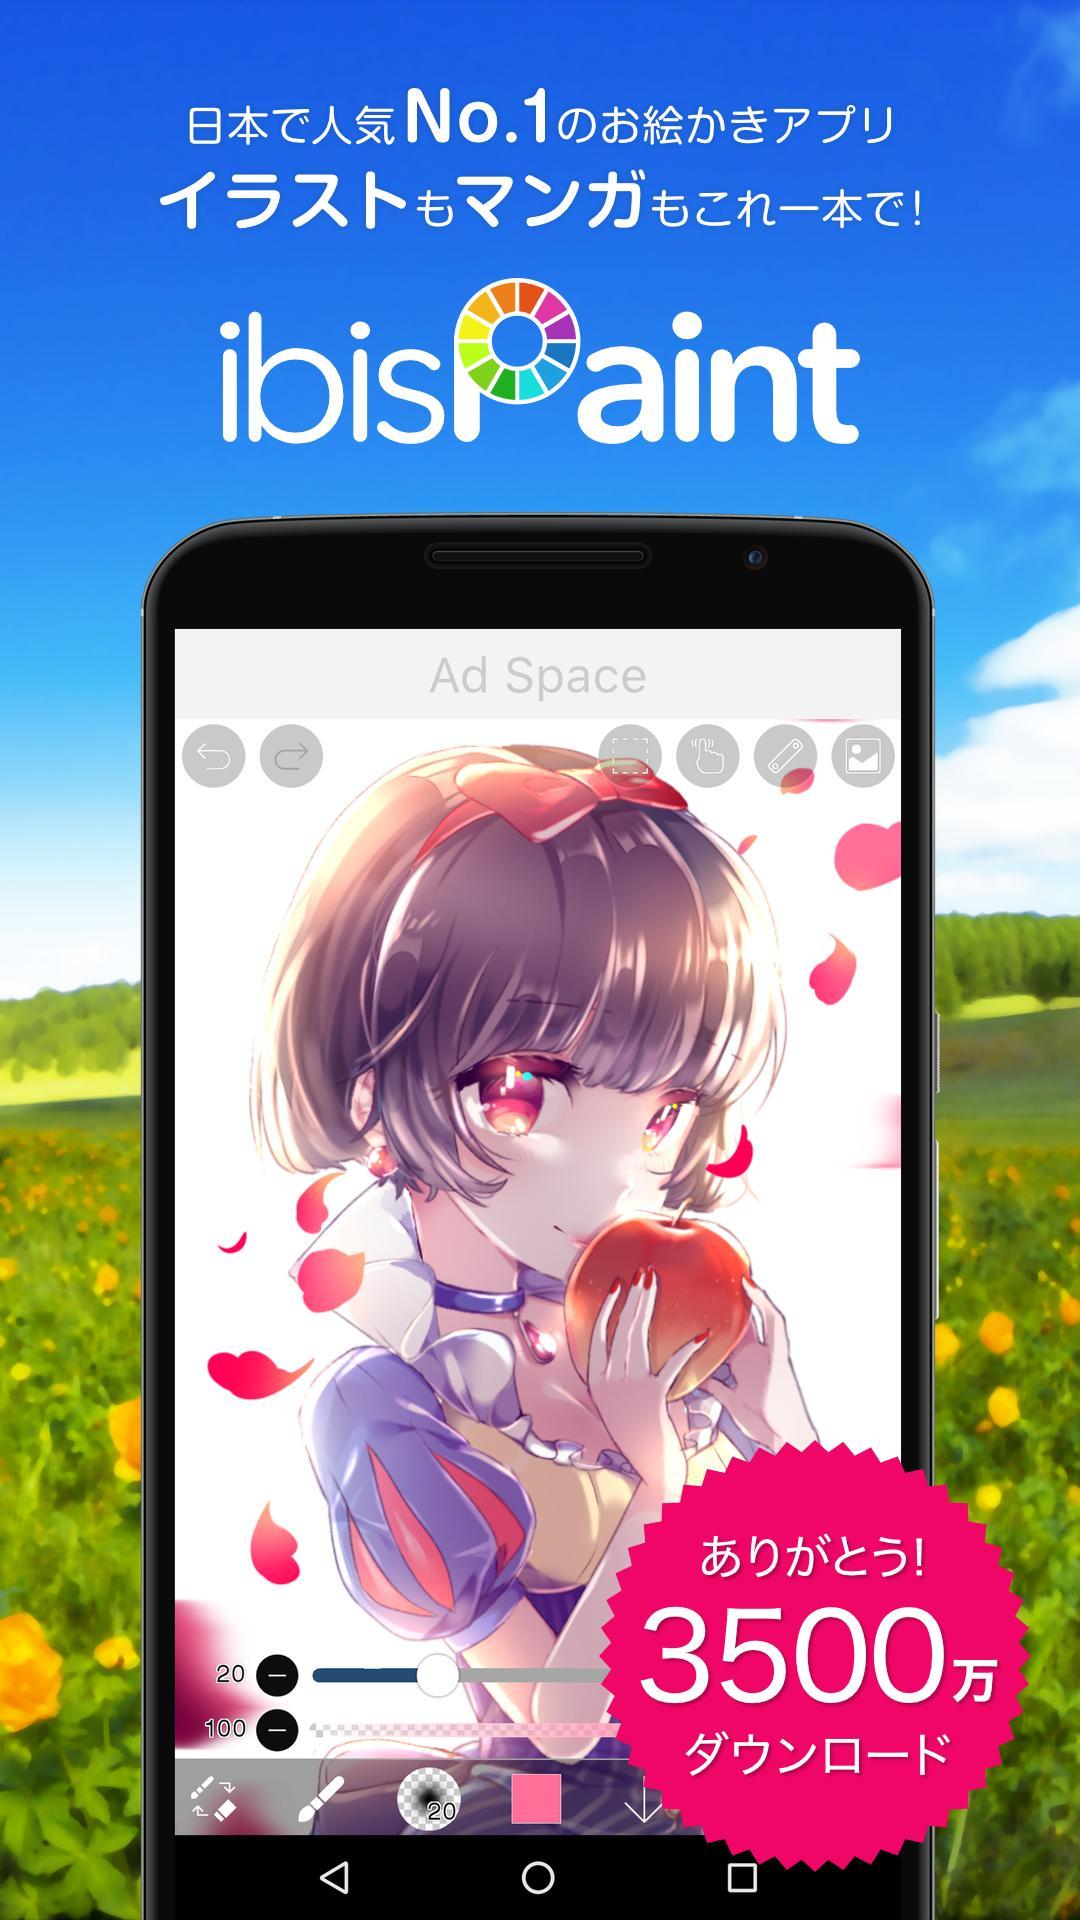 youtube の 動画 を ダウンロード する アプリ android